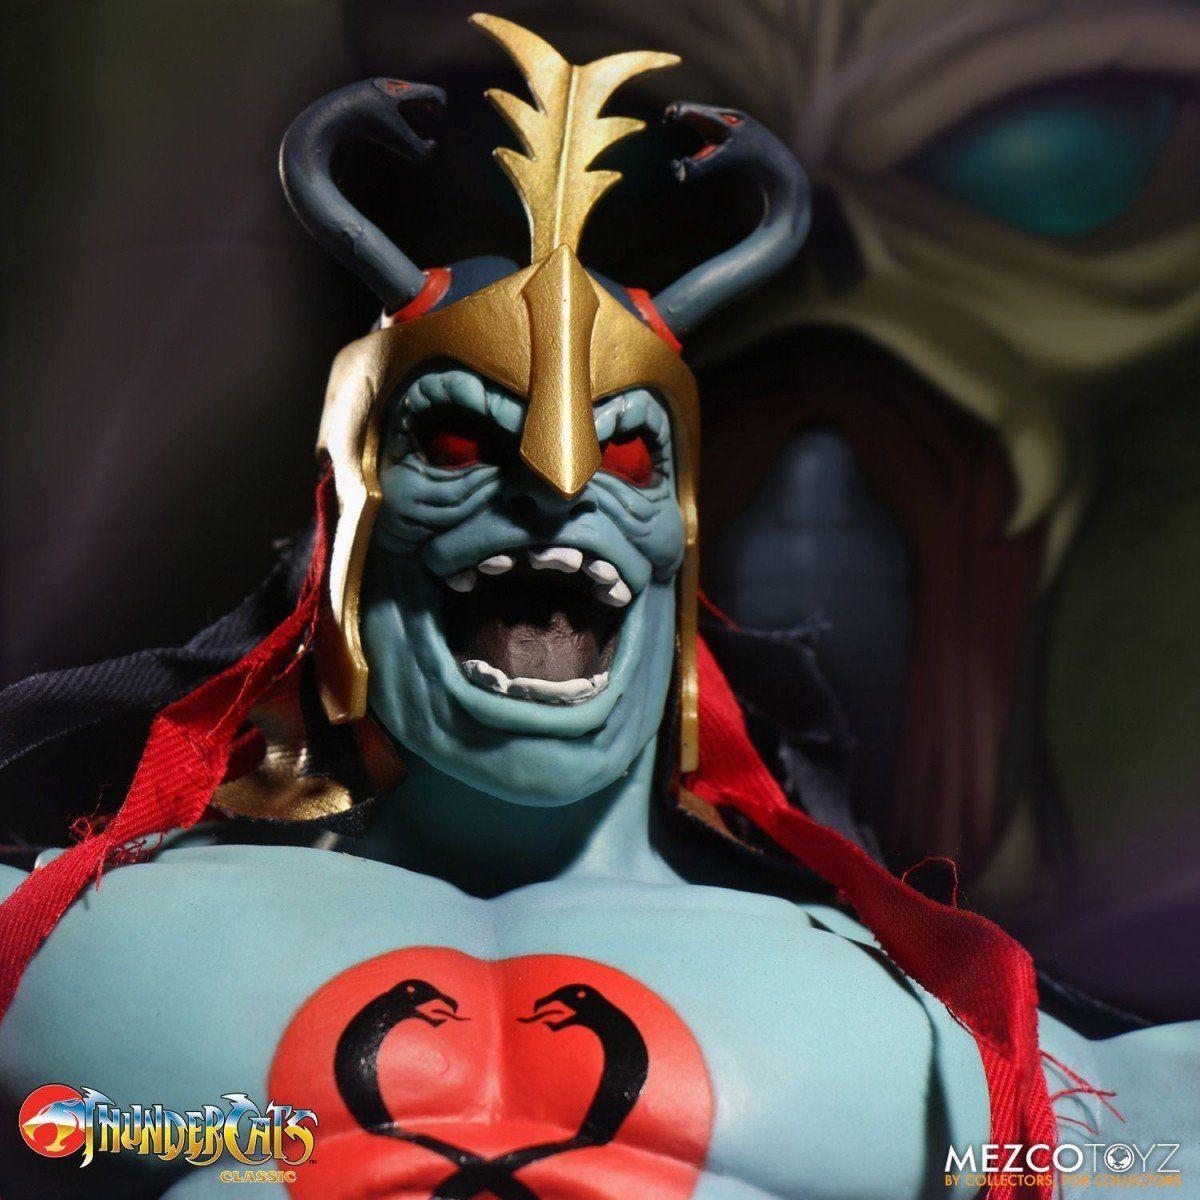 Boneco Mumm-Ra: Thundercats Mega Scale (Versão Exclusiva que Brilha no Escuro) - Mezco